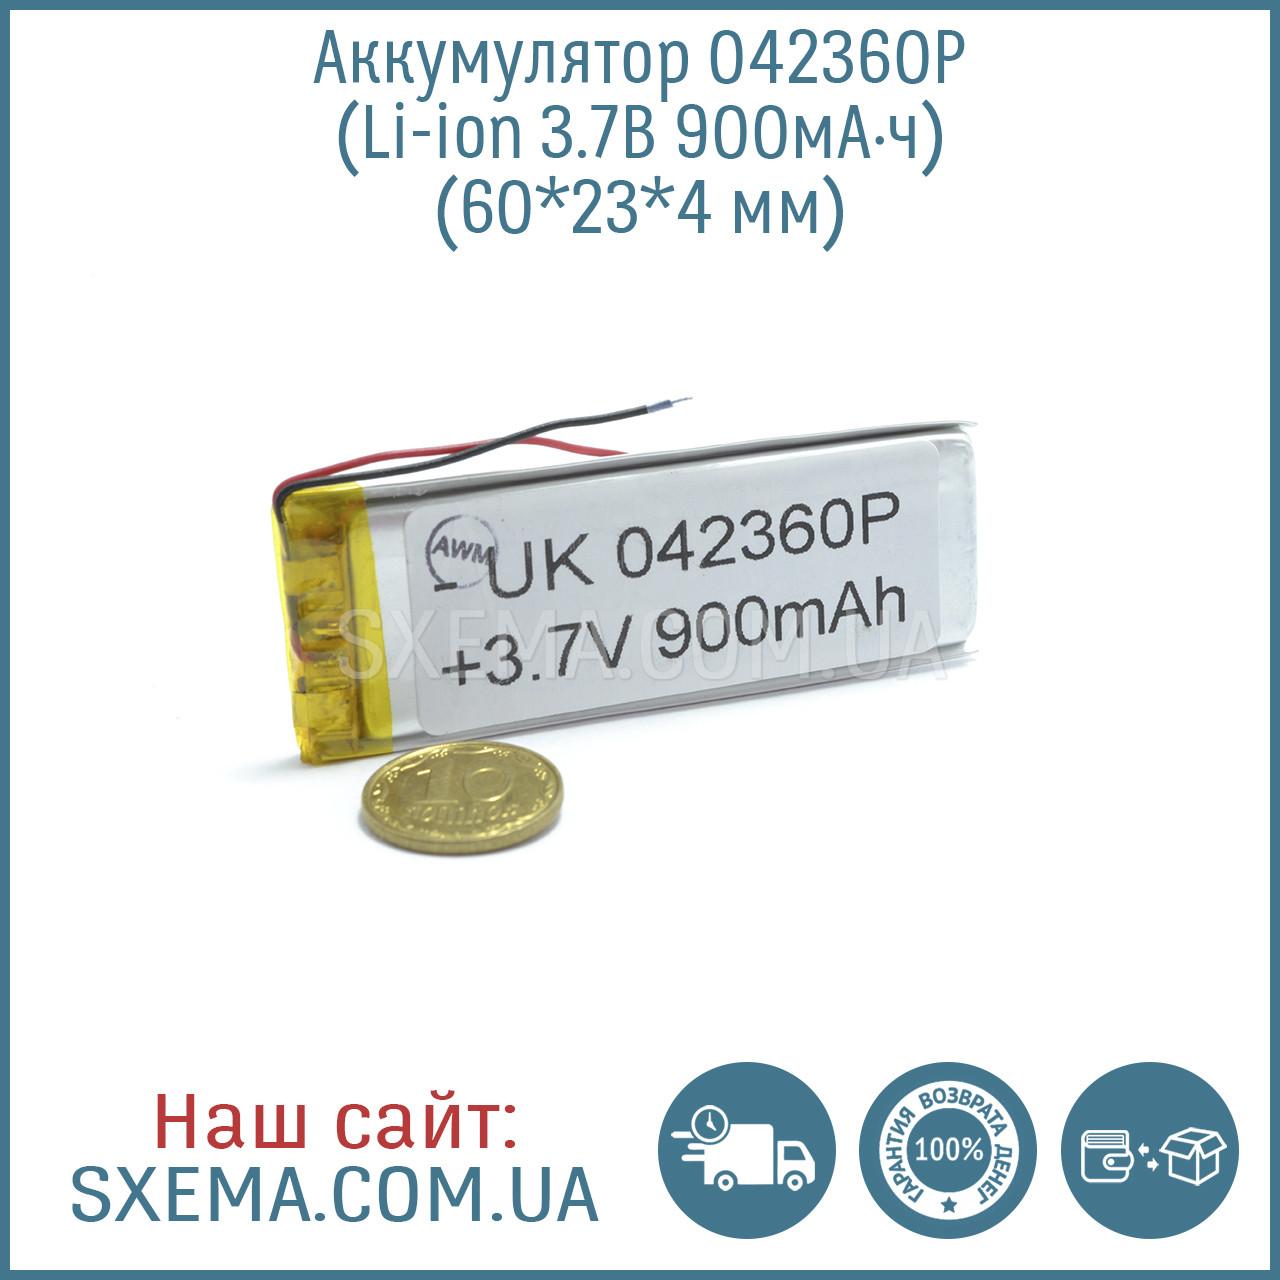 Аккумулятор универсальный 042360 (Li-ion 3.7В 900мА·ч), (60*23*4 мм)